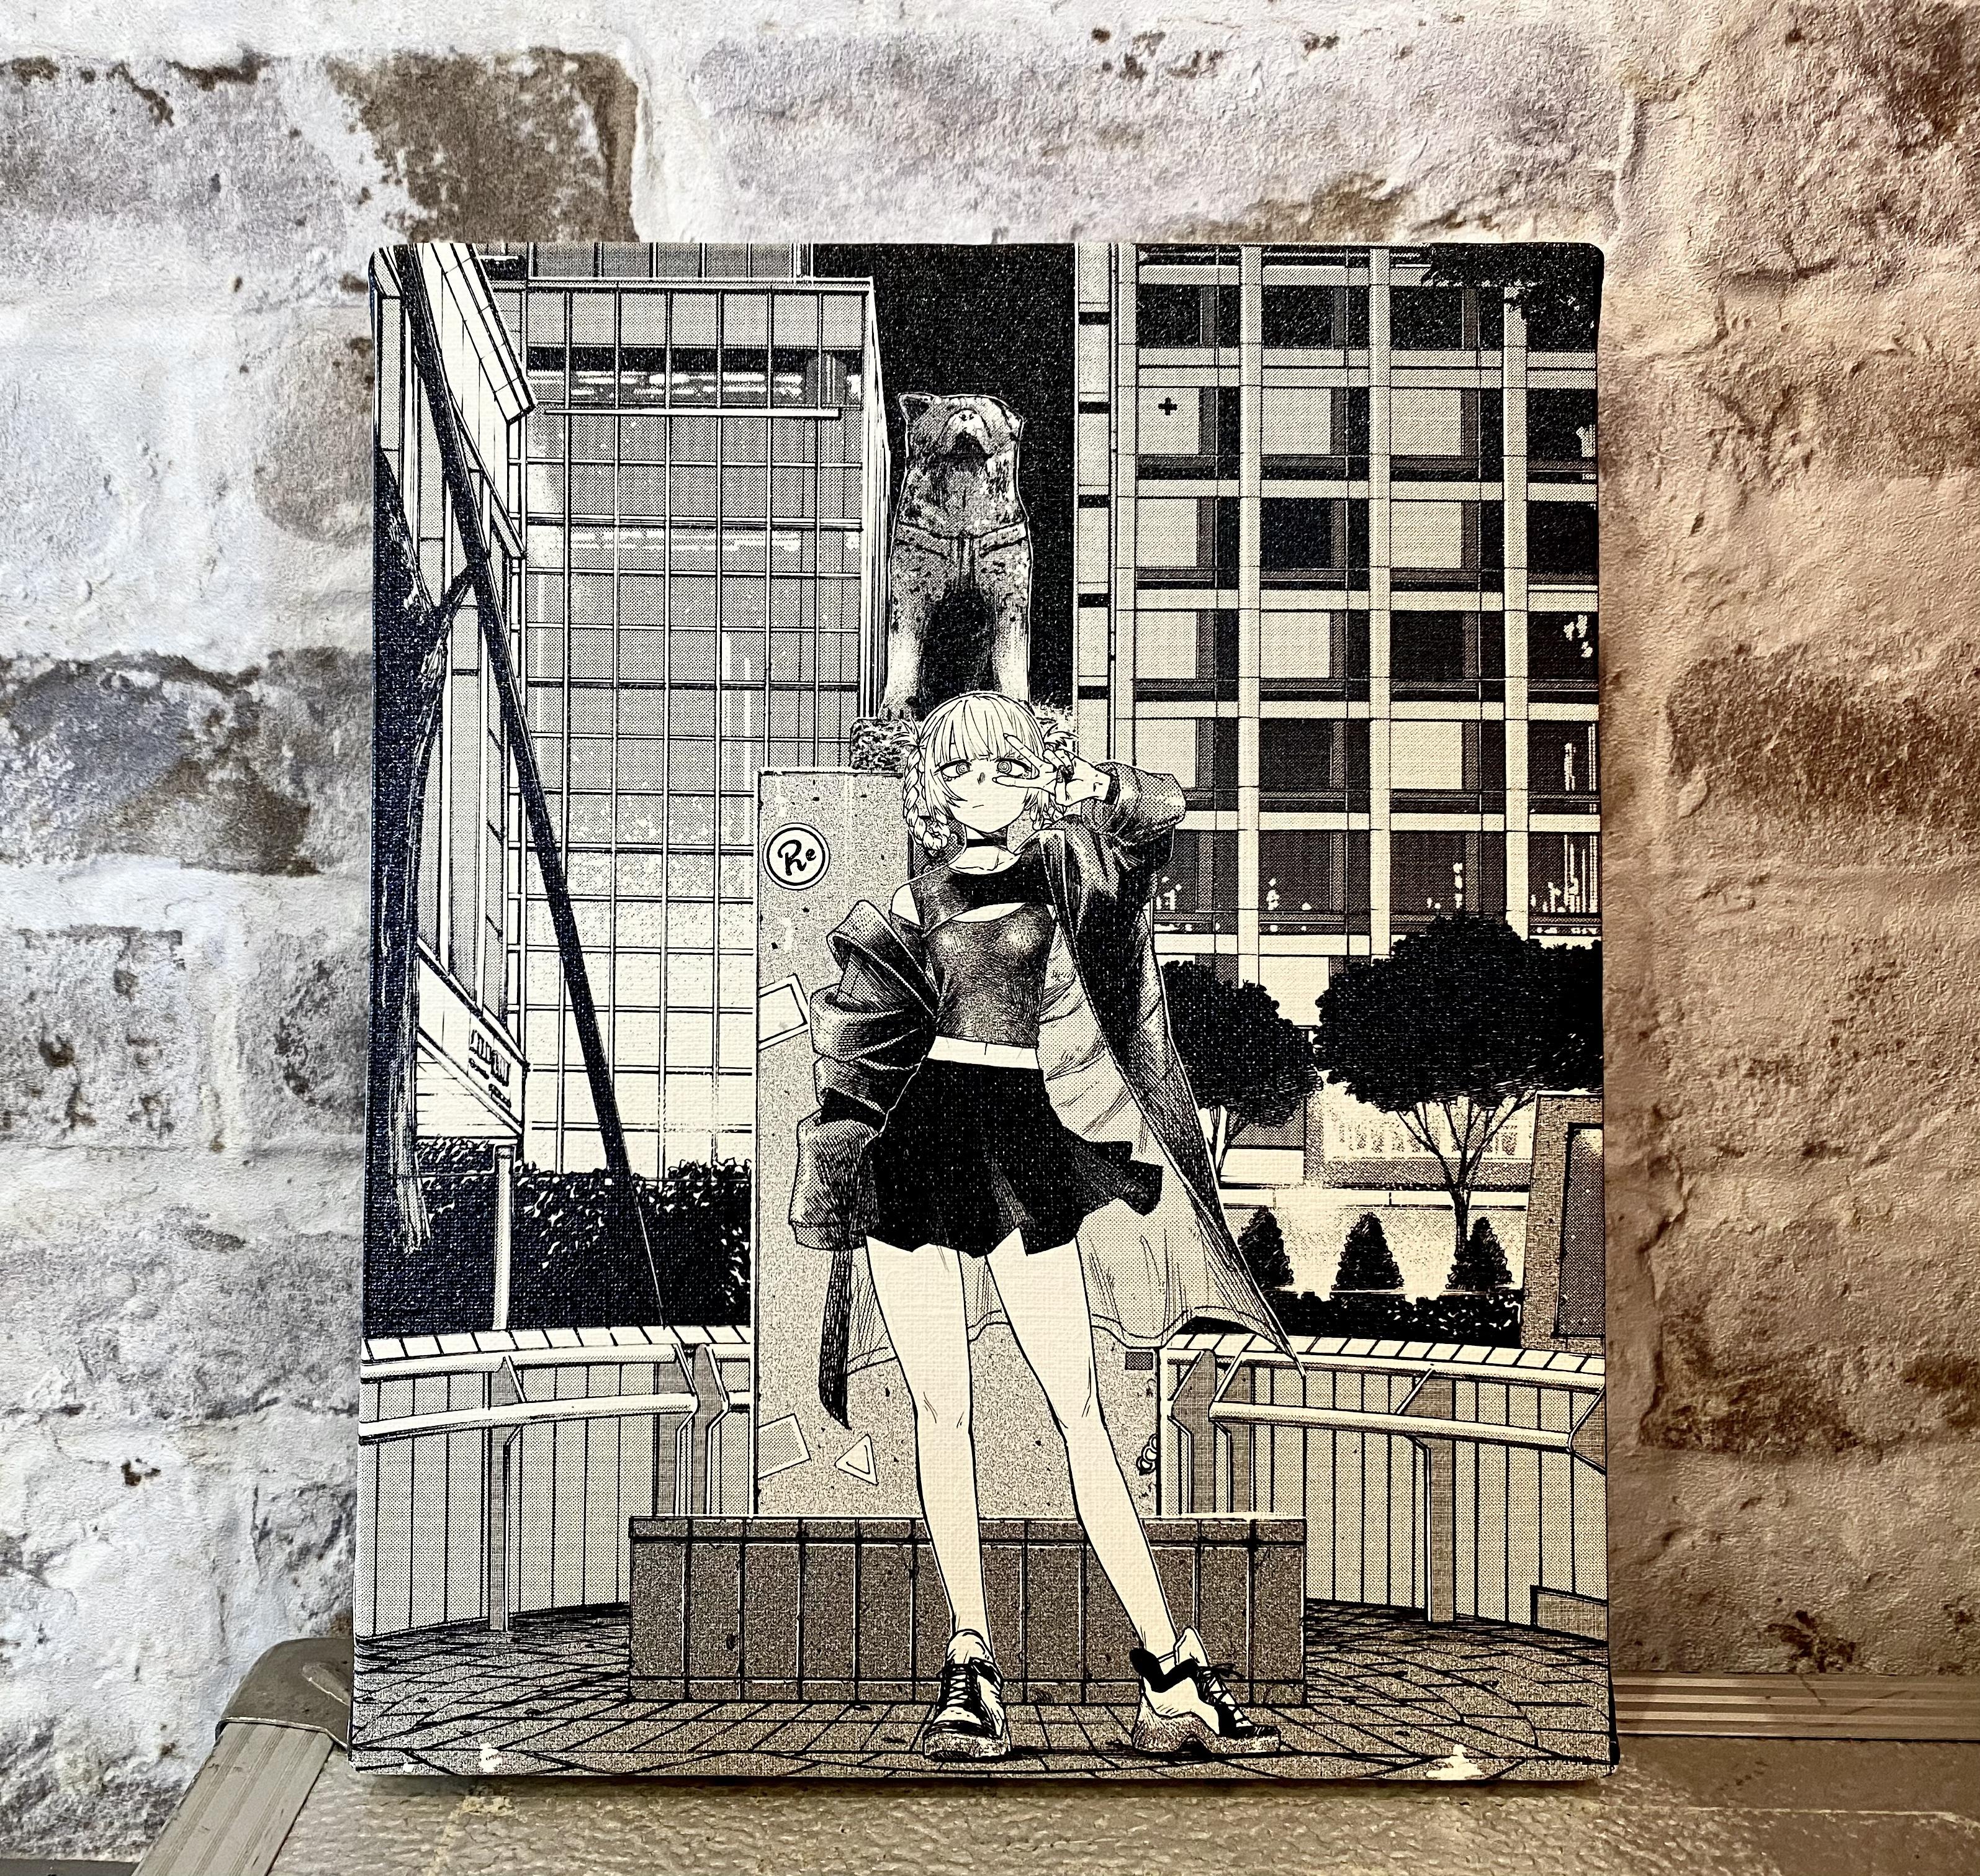 〈よふかしのうた 描き下ろし商品〉NIGHT OUT CITY-SHIBUYA-  F3キャンバスアート